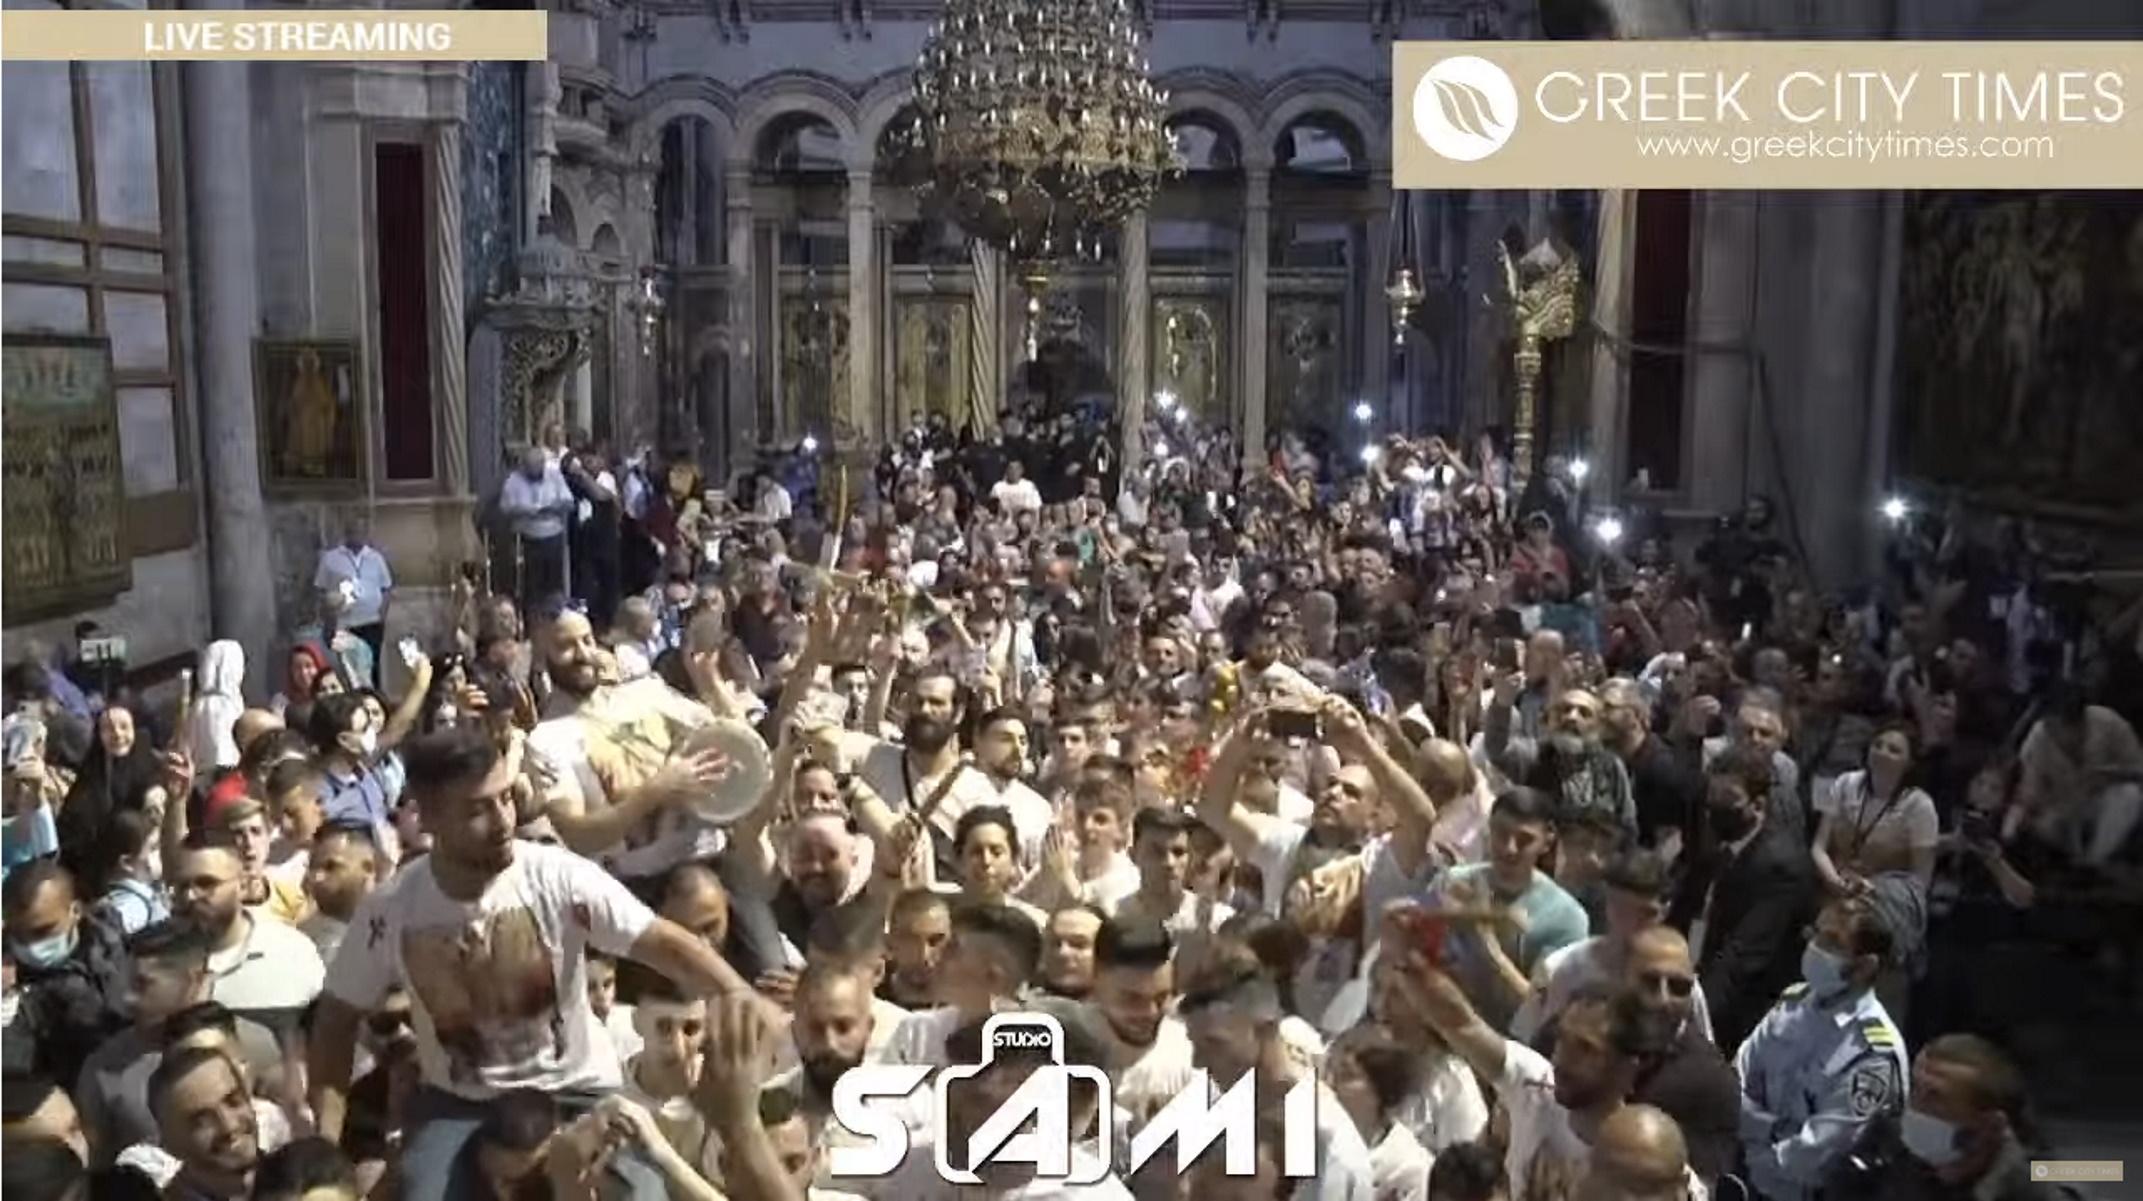 Ιερουσαλήμ: Τελετή αφής του Αγίου Φωτός – Πλήθος πιστών χορεύει και ψέλνει χωρίς μάσκες και αποστάσεις (video)